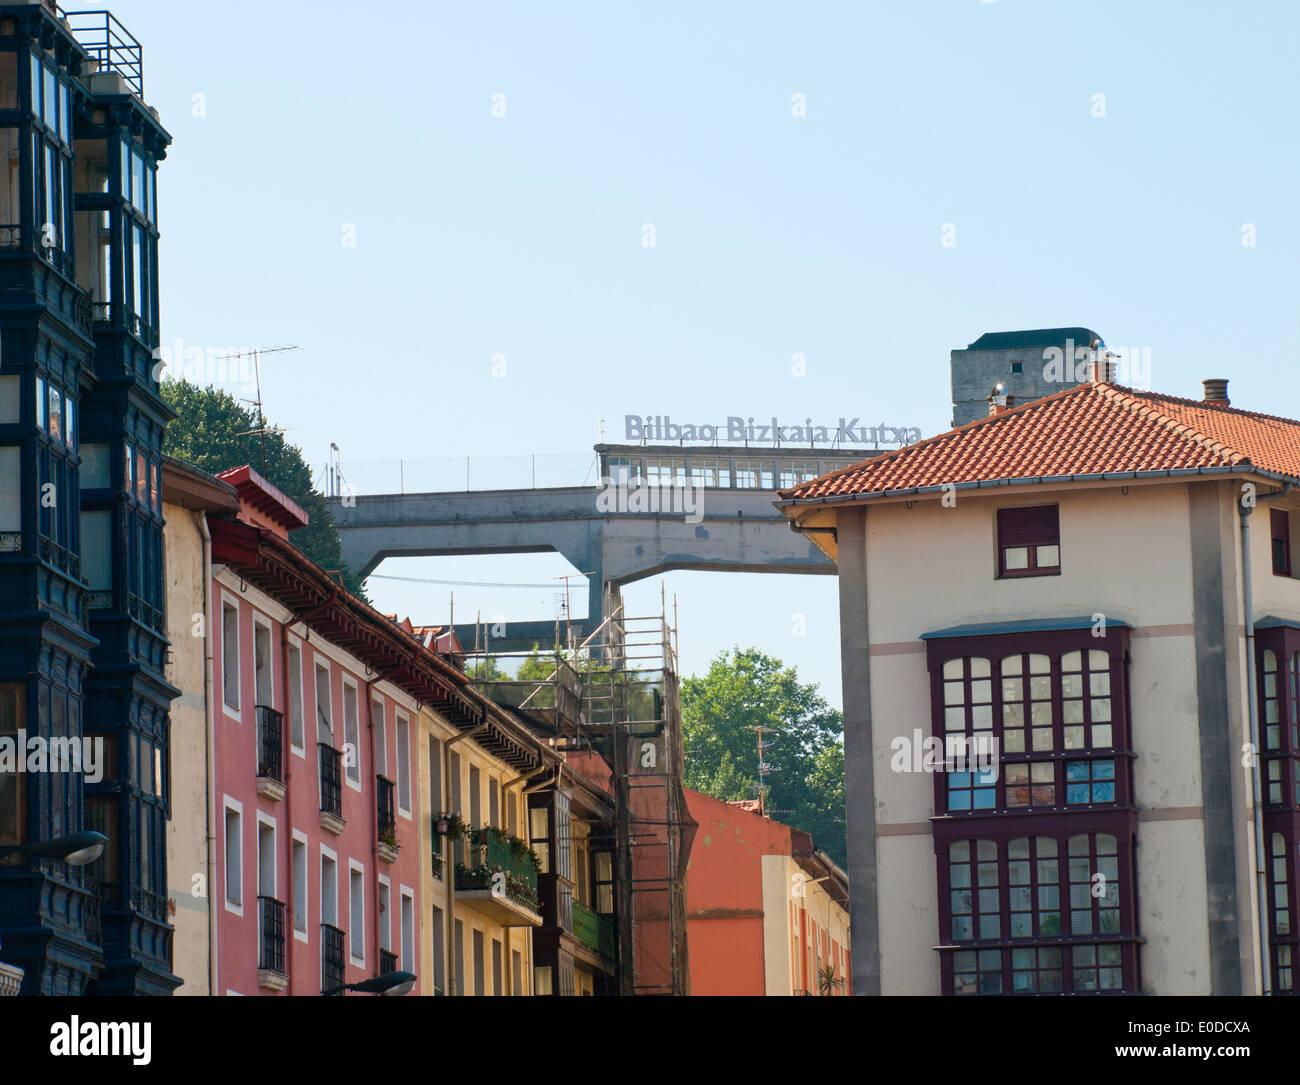 I suoi edifici colorati di Itxaropen Kalea, Casco Viejo (Città Vecchia), Bilbao, Spagna. Bilbao Bizkaia Kutxa segno nella distanza. Immagini Stock